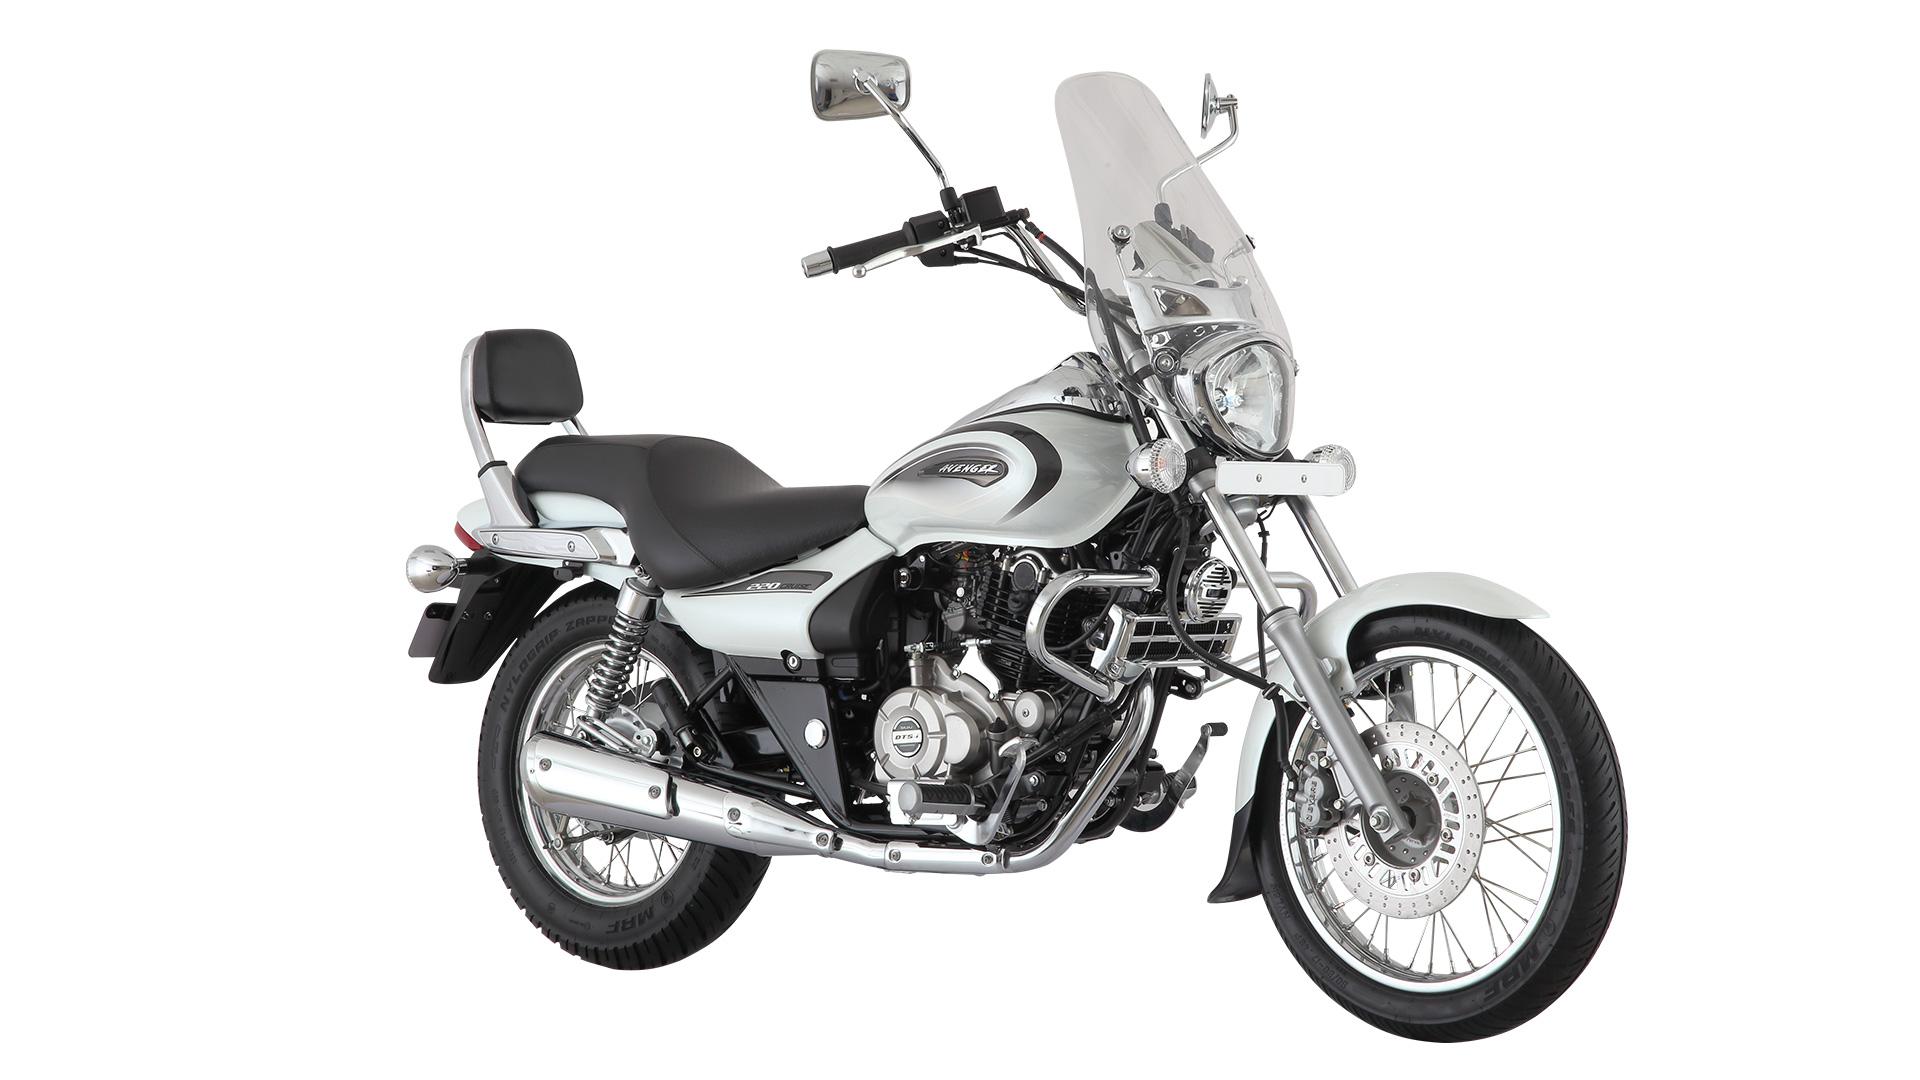 Bajaj reveals prices of 2018 Avenger 220